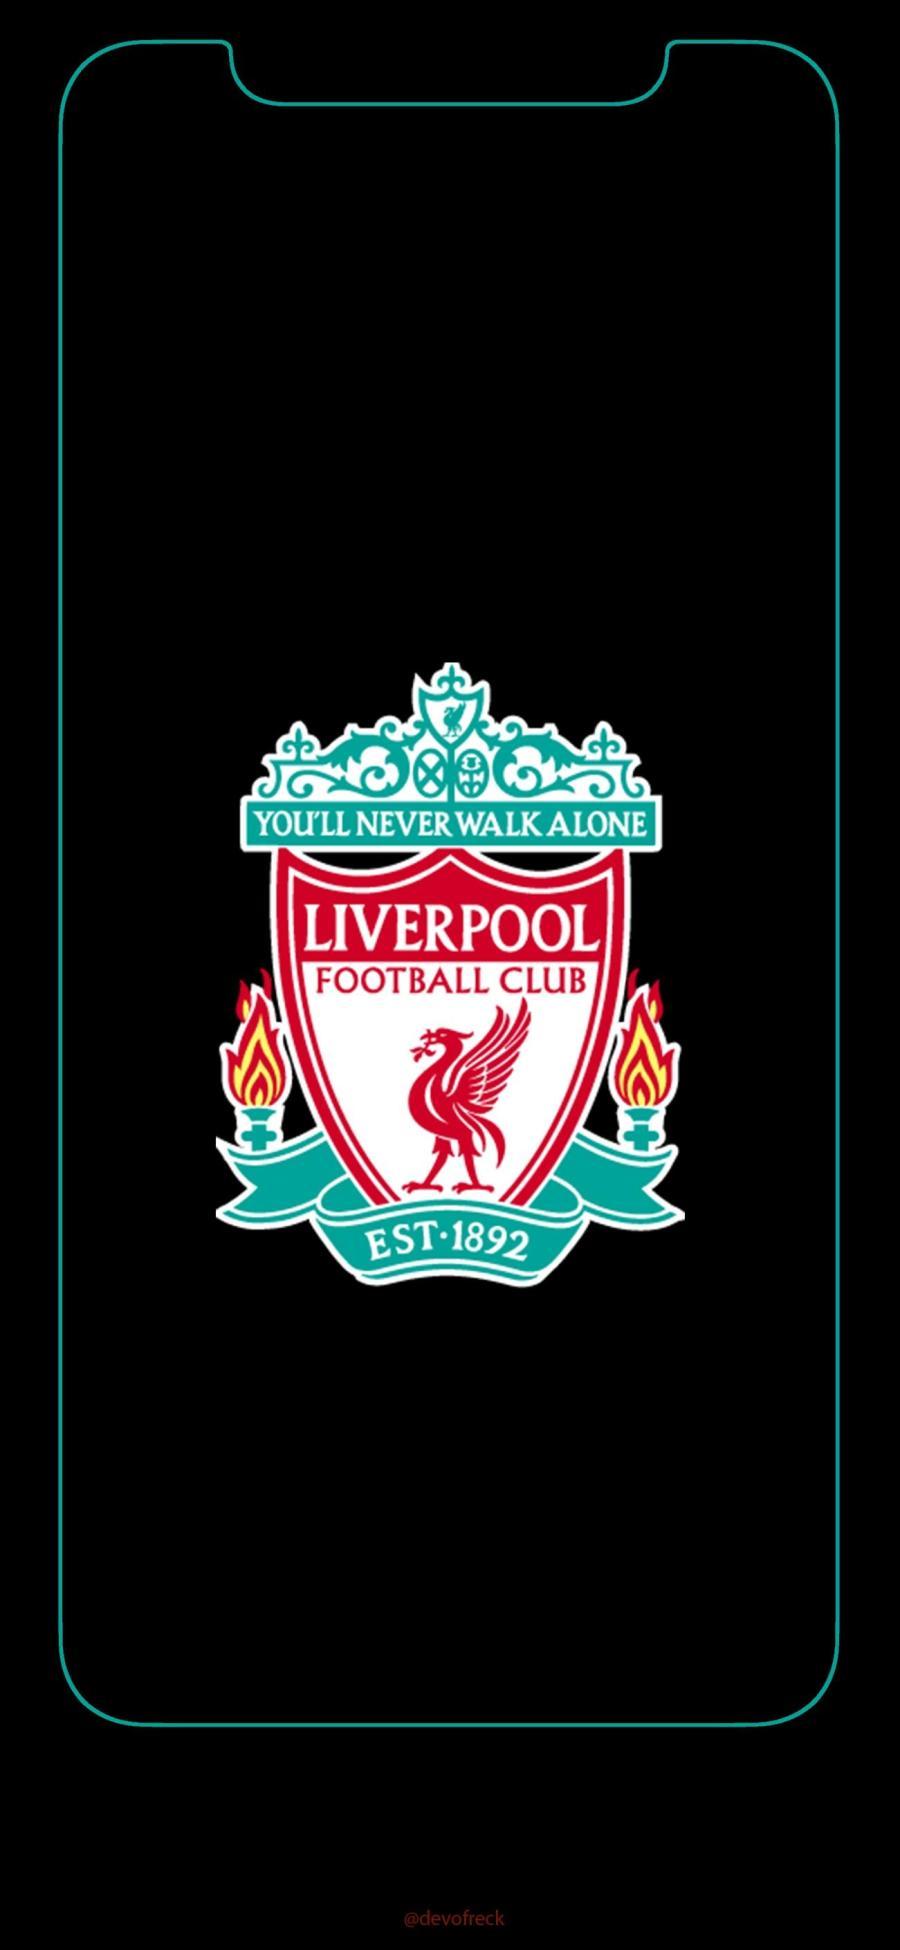 31 ภาพ Liverpool Wallpaper Iphone X Hd อน ญาตให ดาวน โหลด